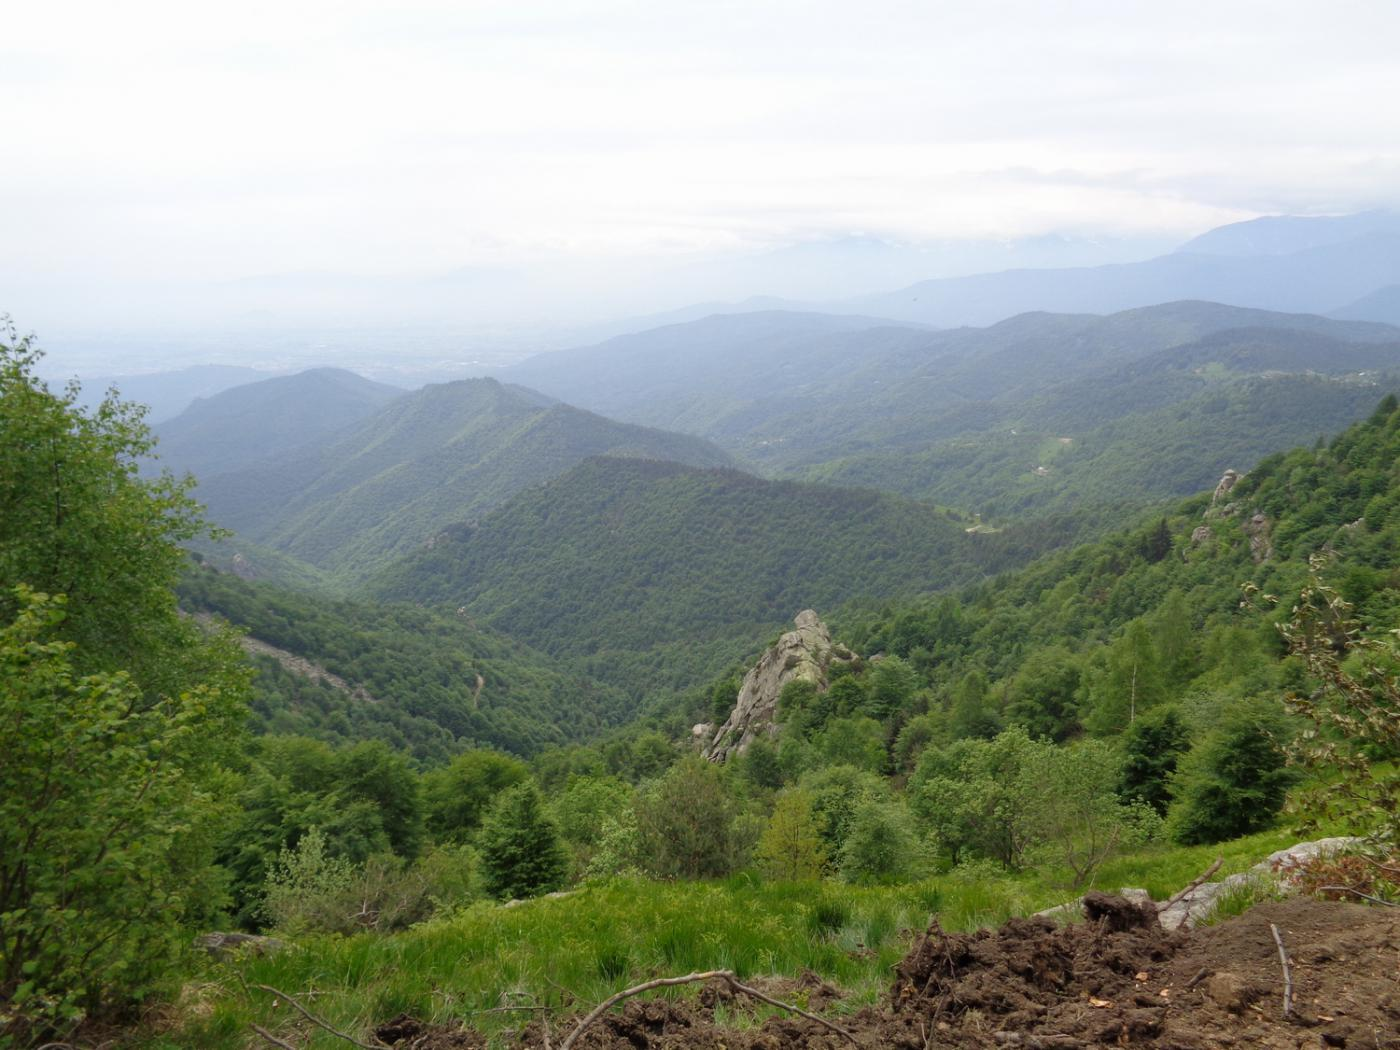 Crò (Colle del) da Cumiana, giro del Monte Freidour per il Colle Prà l'Abbà 2015-05-23